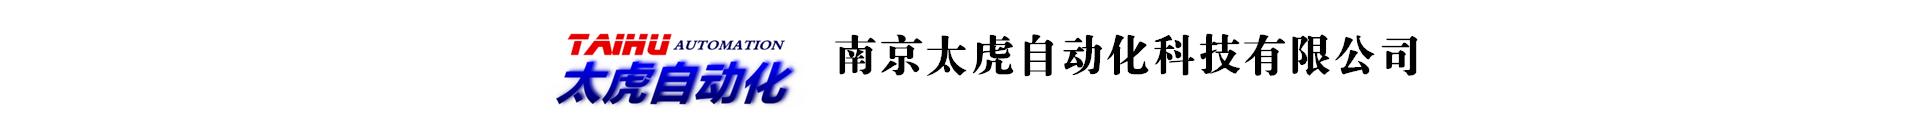 南京太虎自动化科技有限公司